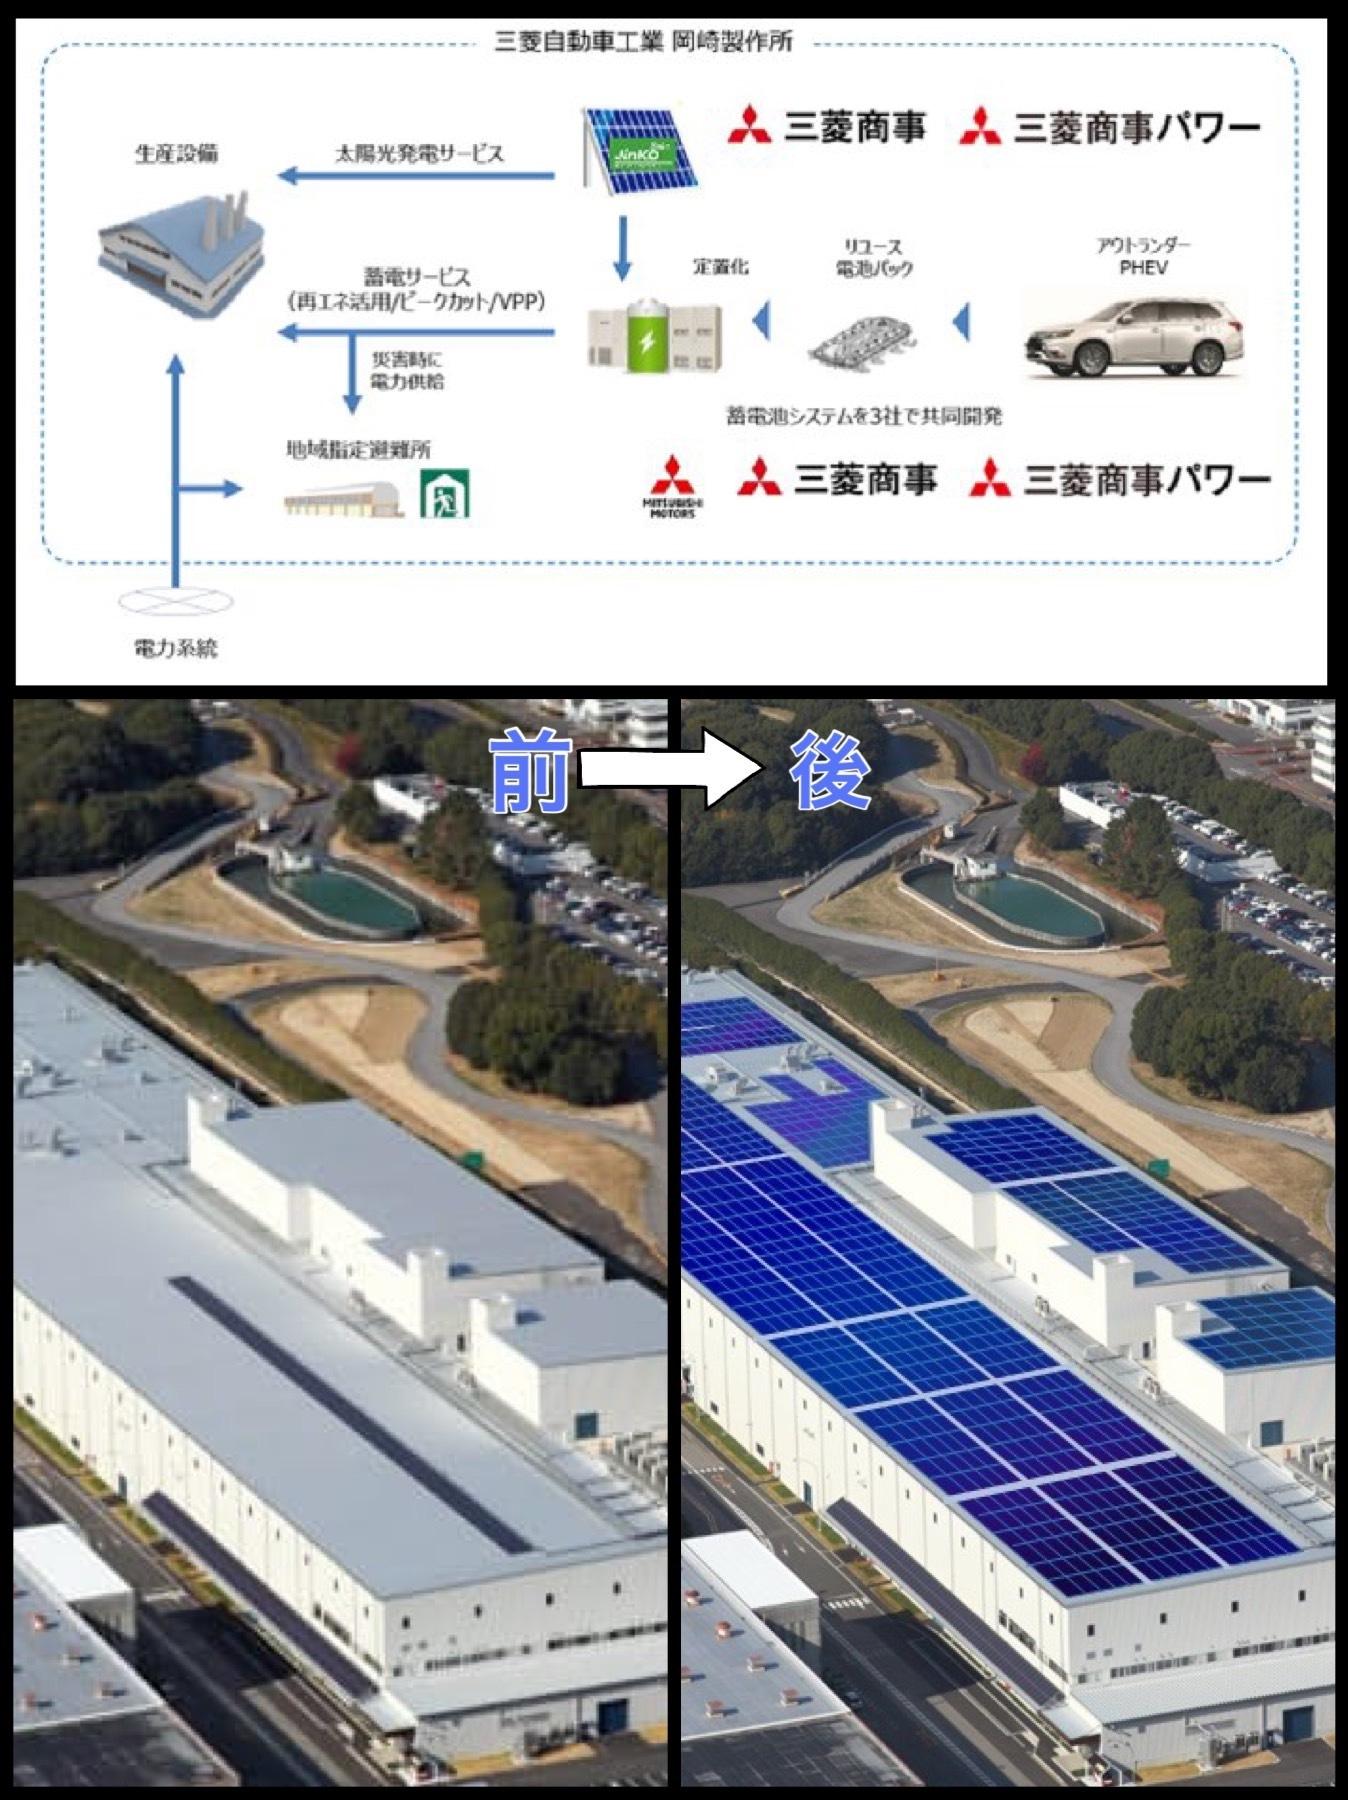 大規模太陽光発電設備などを三菱自動車岡崎製作所